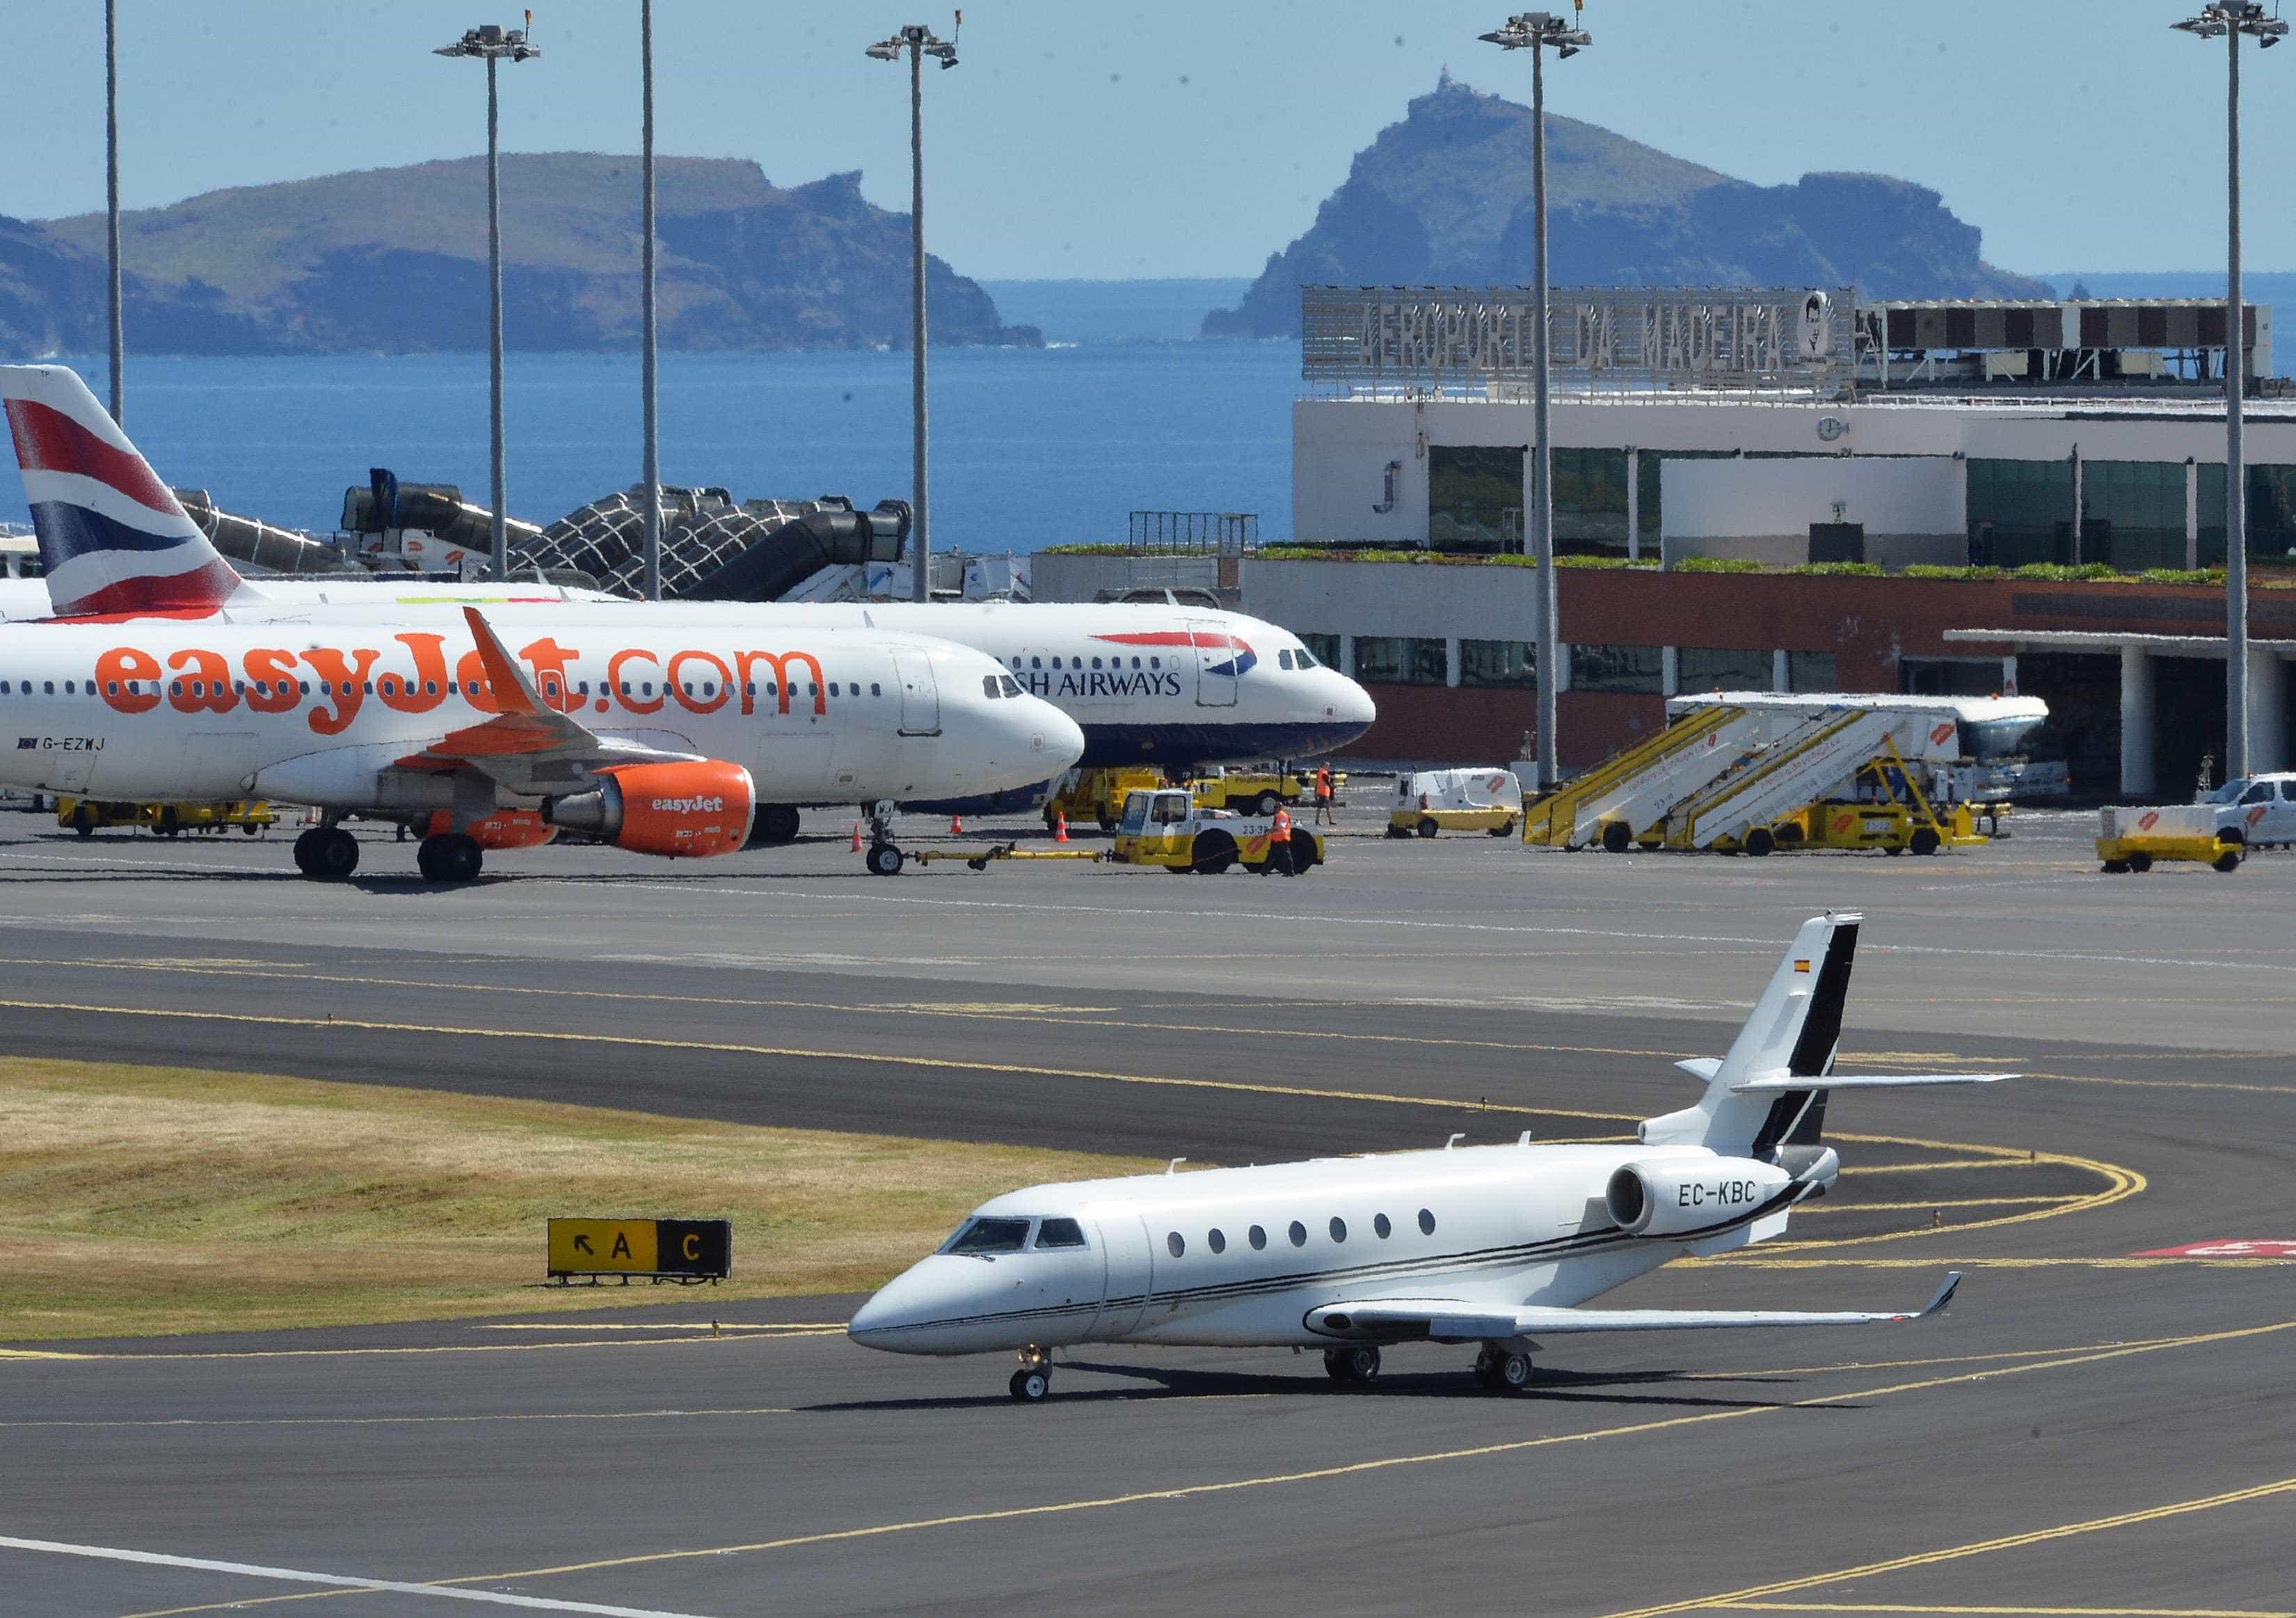 Vento forte no Aeroporto da Madeira cancelou 21 voos e fez divergir sete